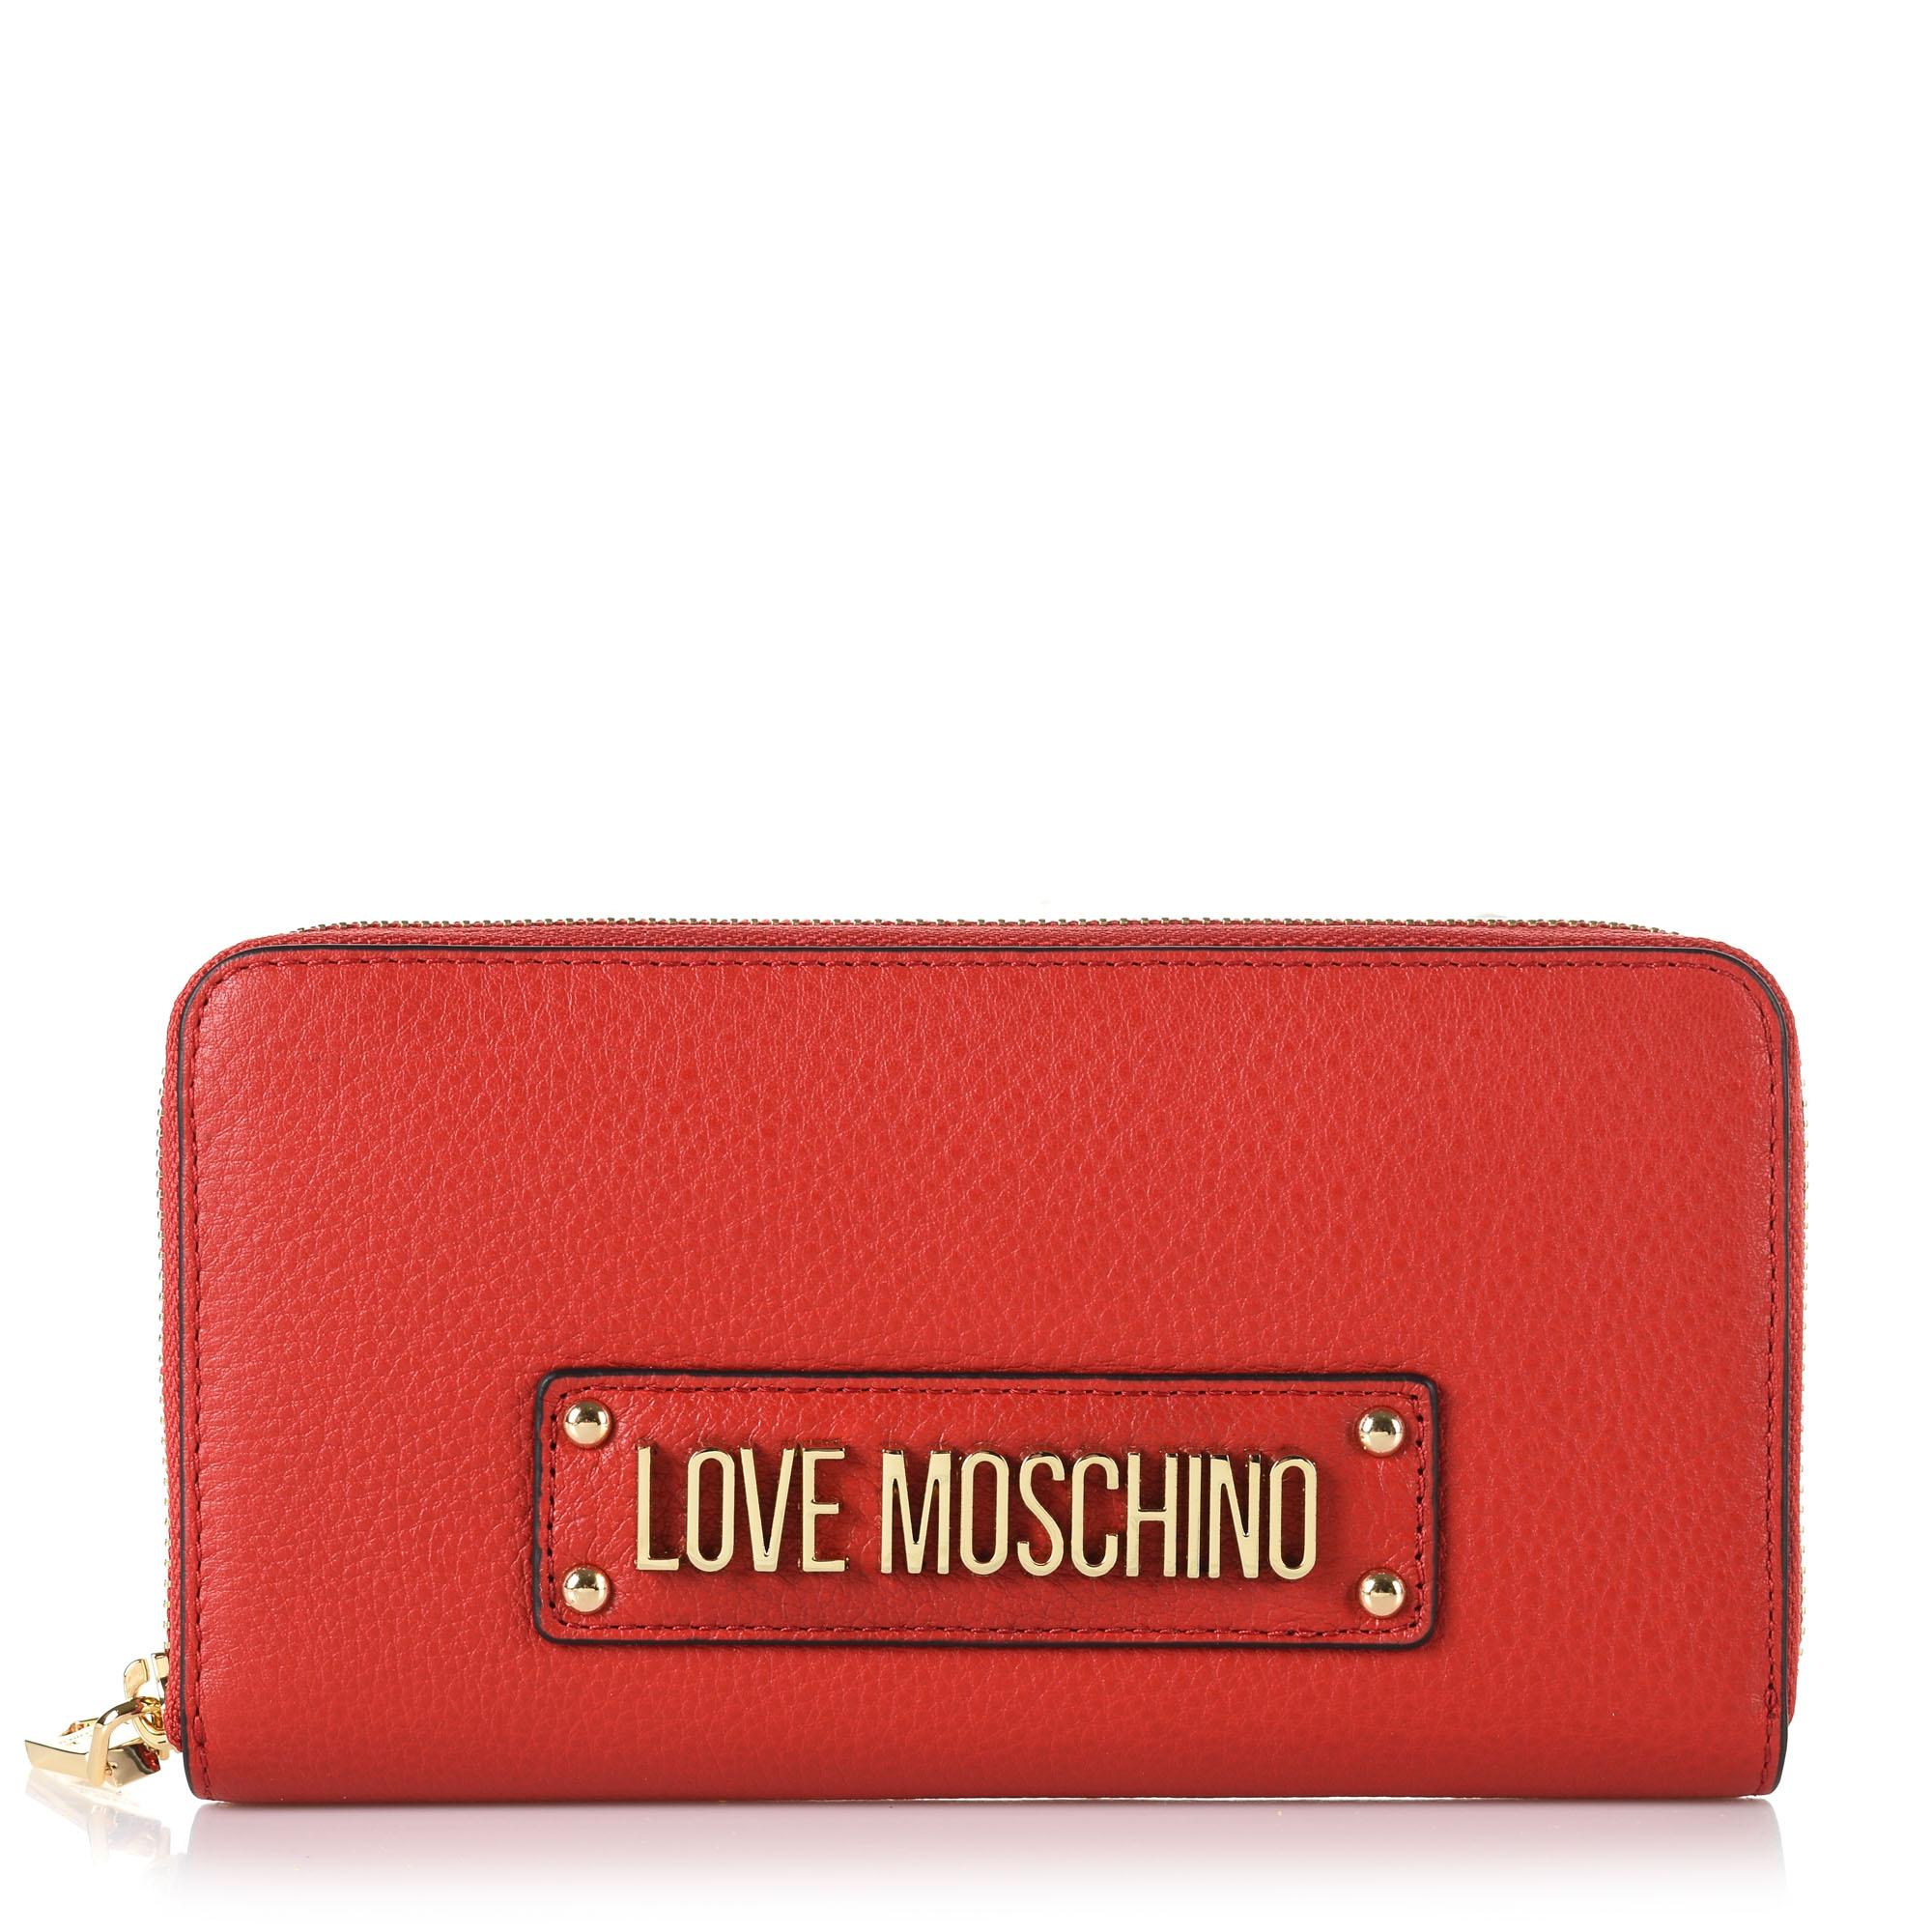 Δερμάτινο Πορτοφόλι Κασετίνα Love Moschino Porta Vit JC5629PP17L6